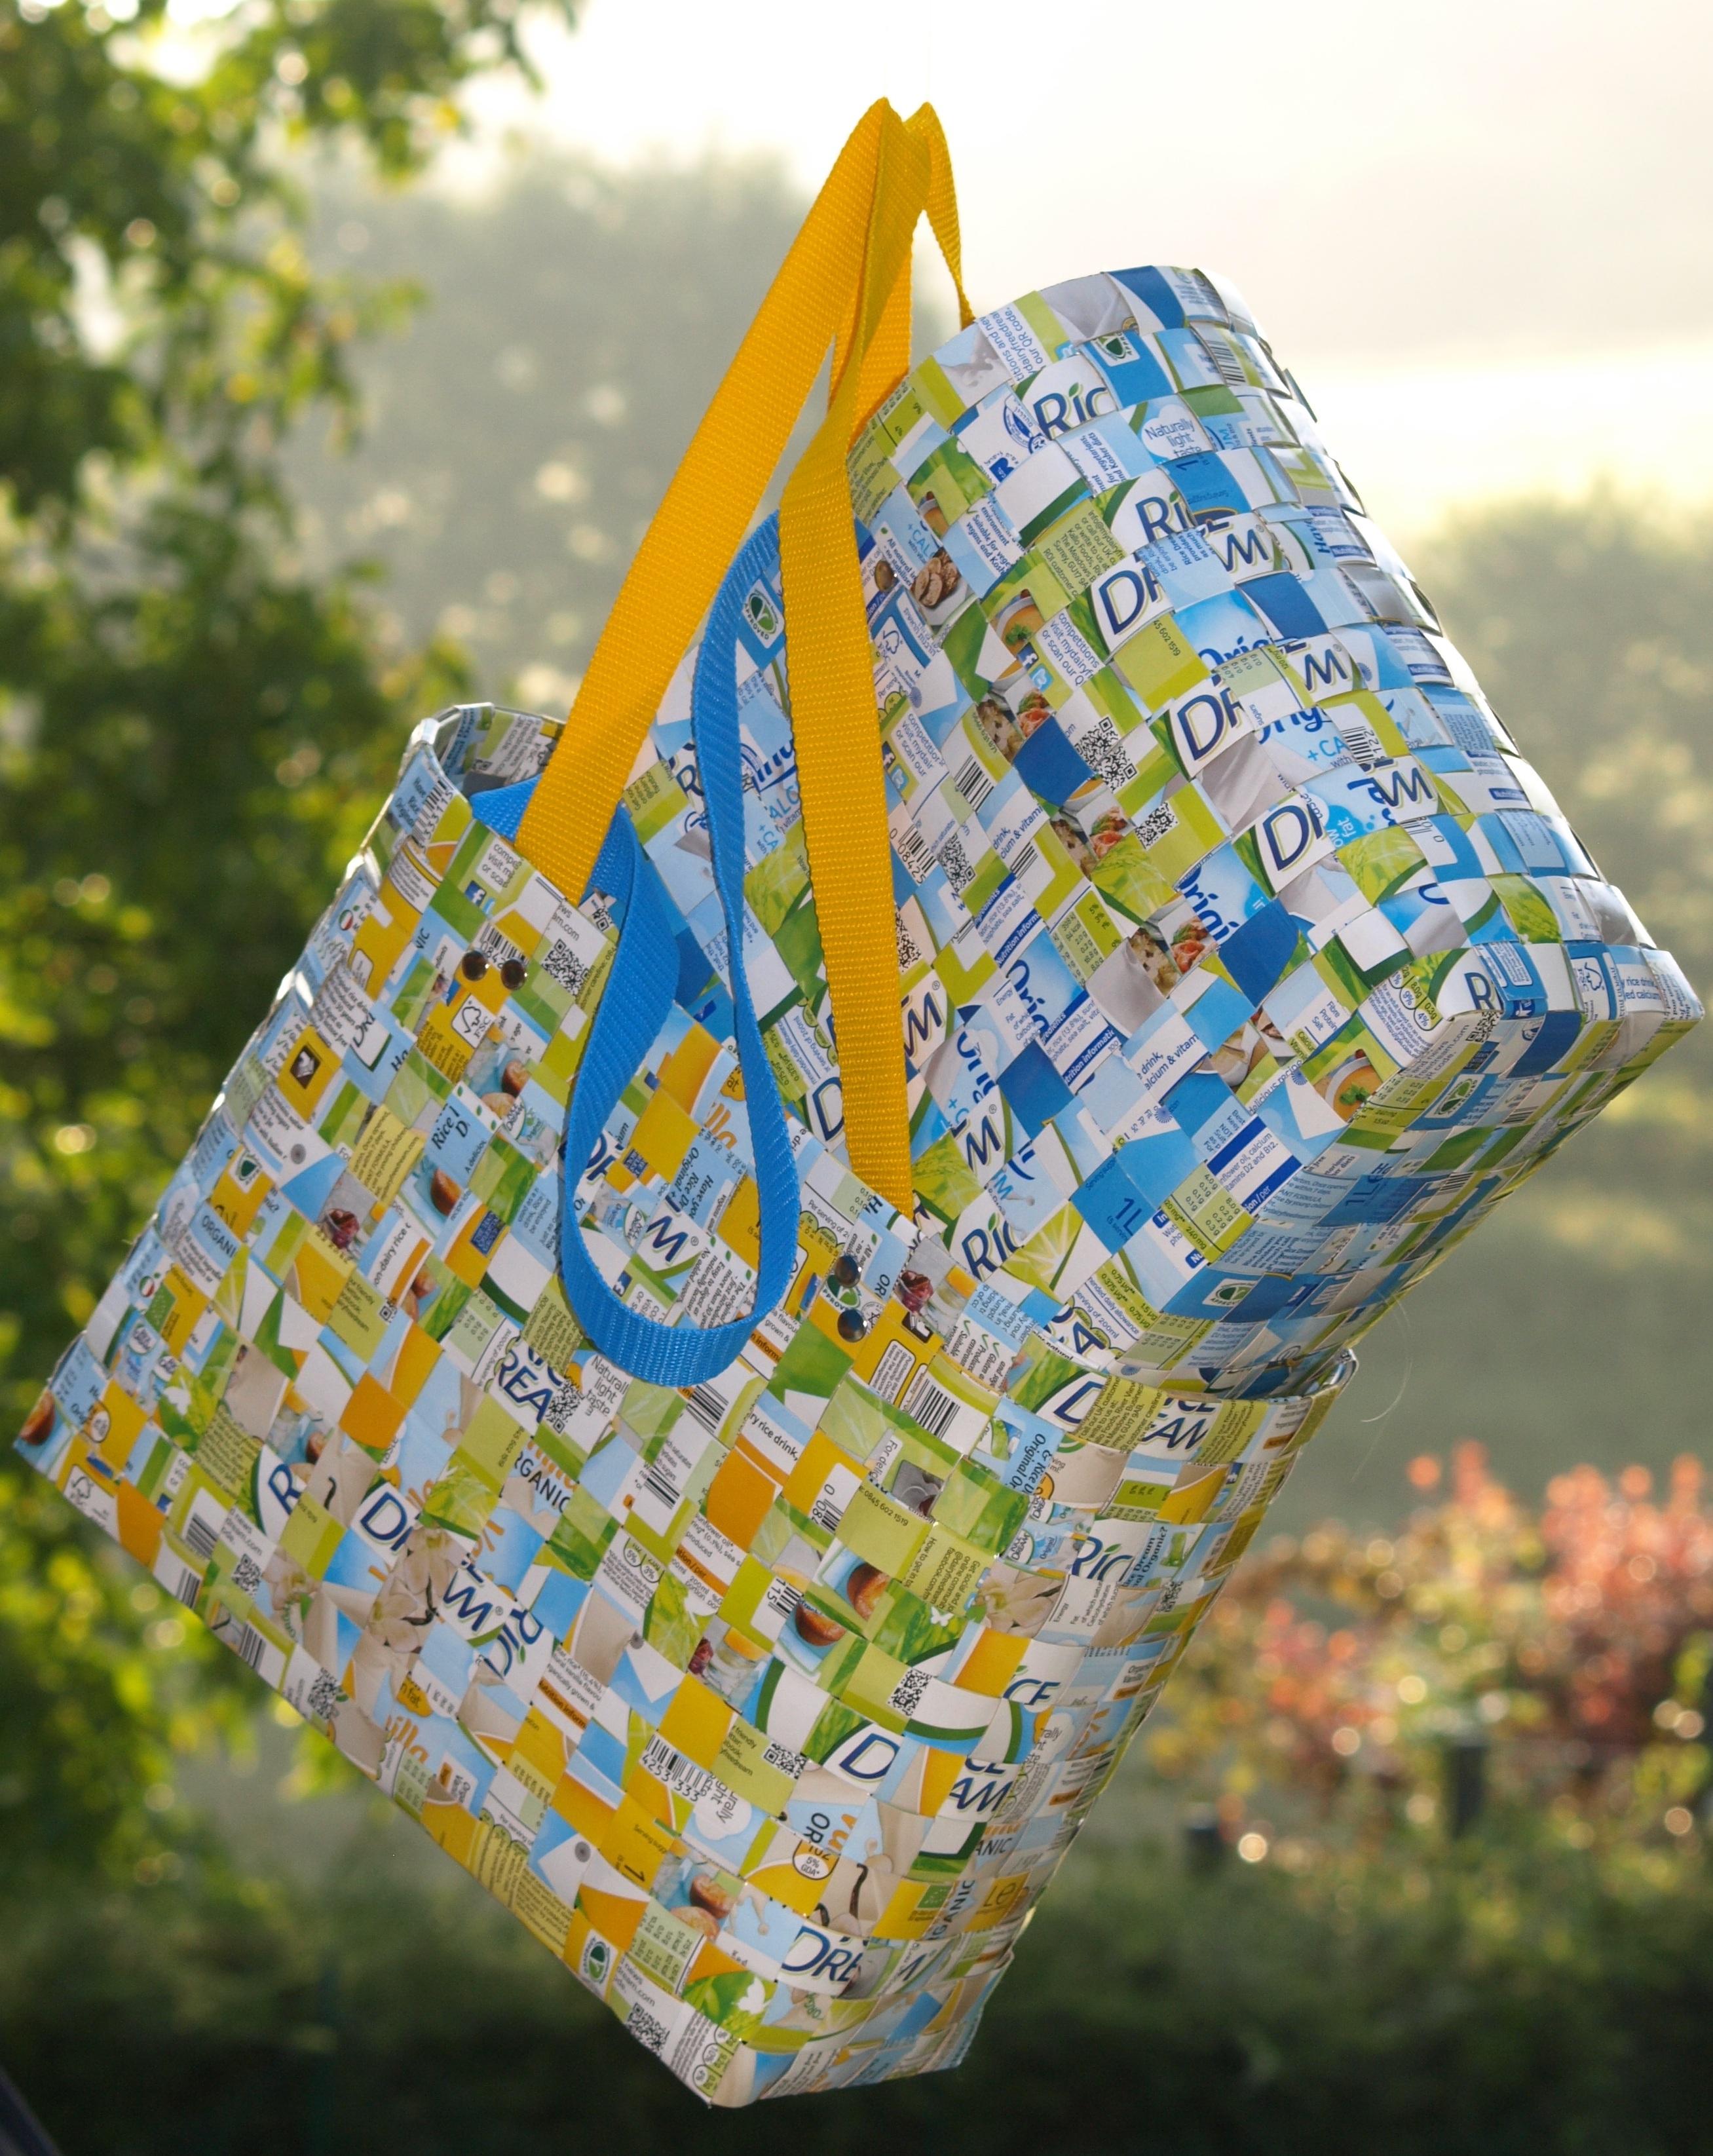 Kostenlose foto : Struktur, Blume, Muster, Regenschirm, Gelb ...